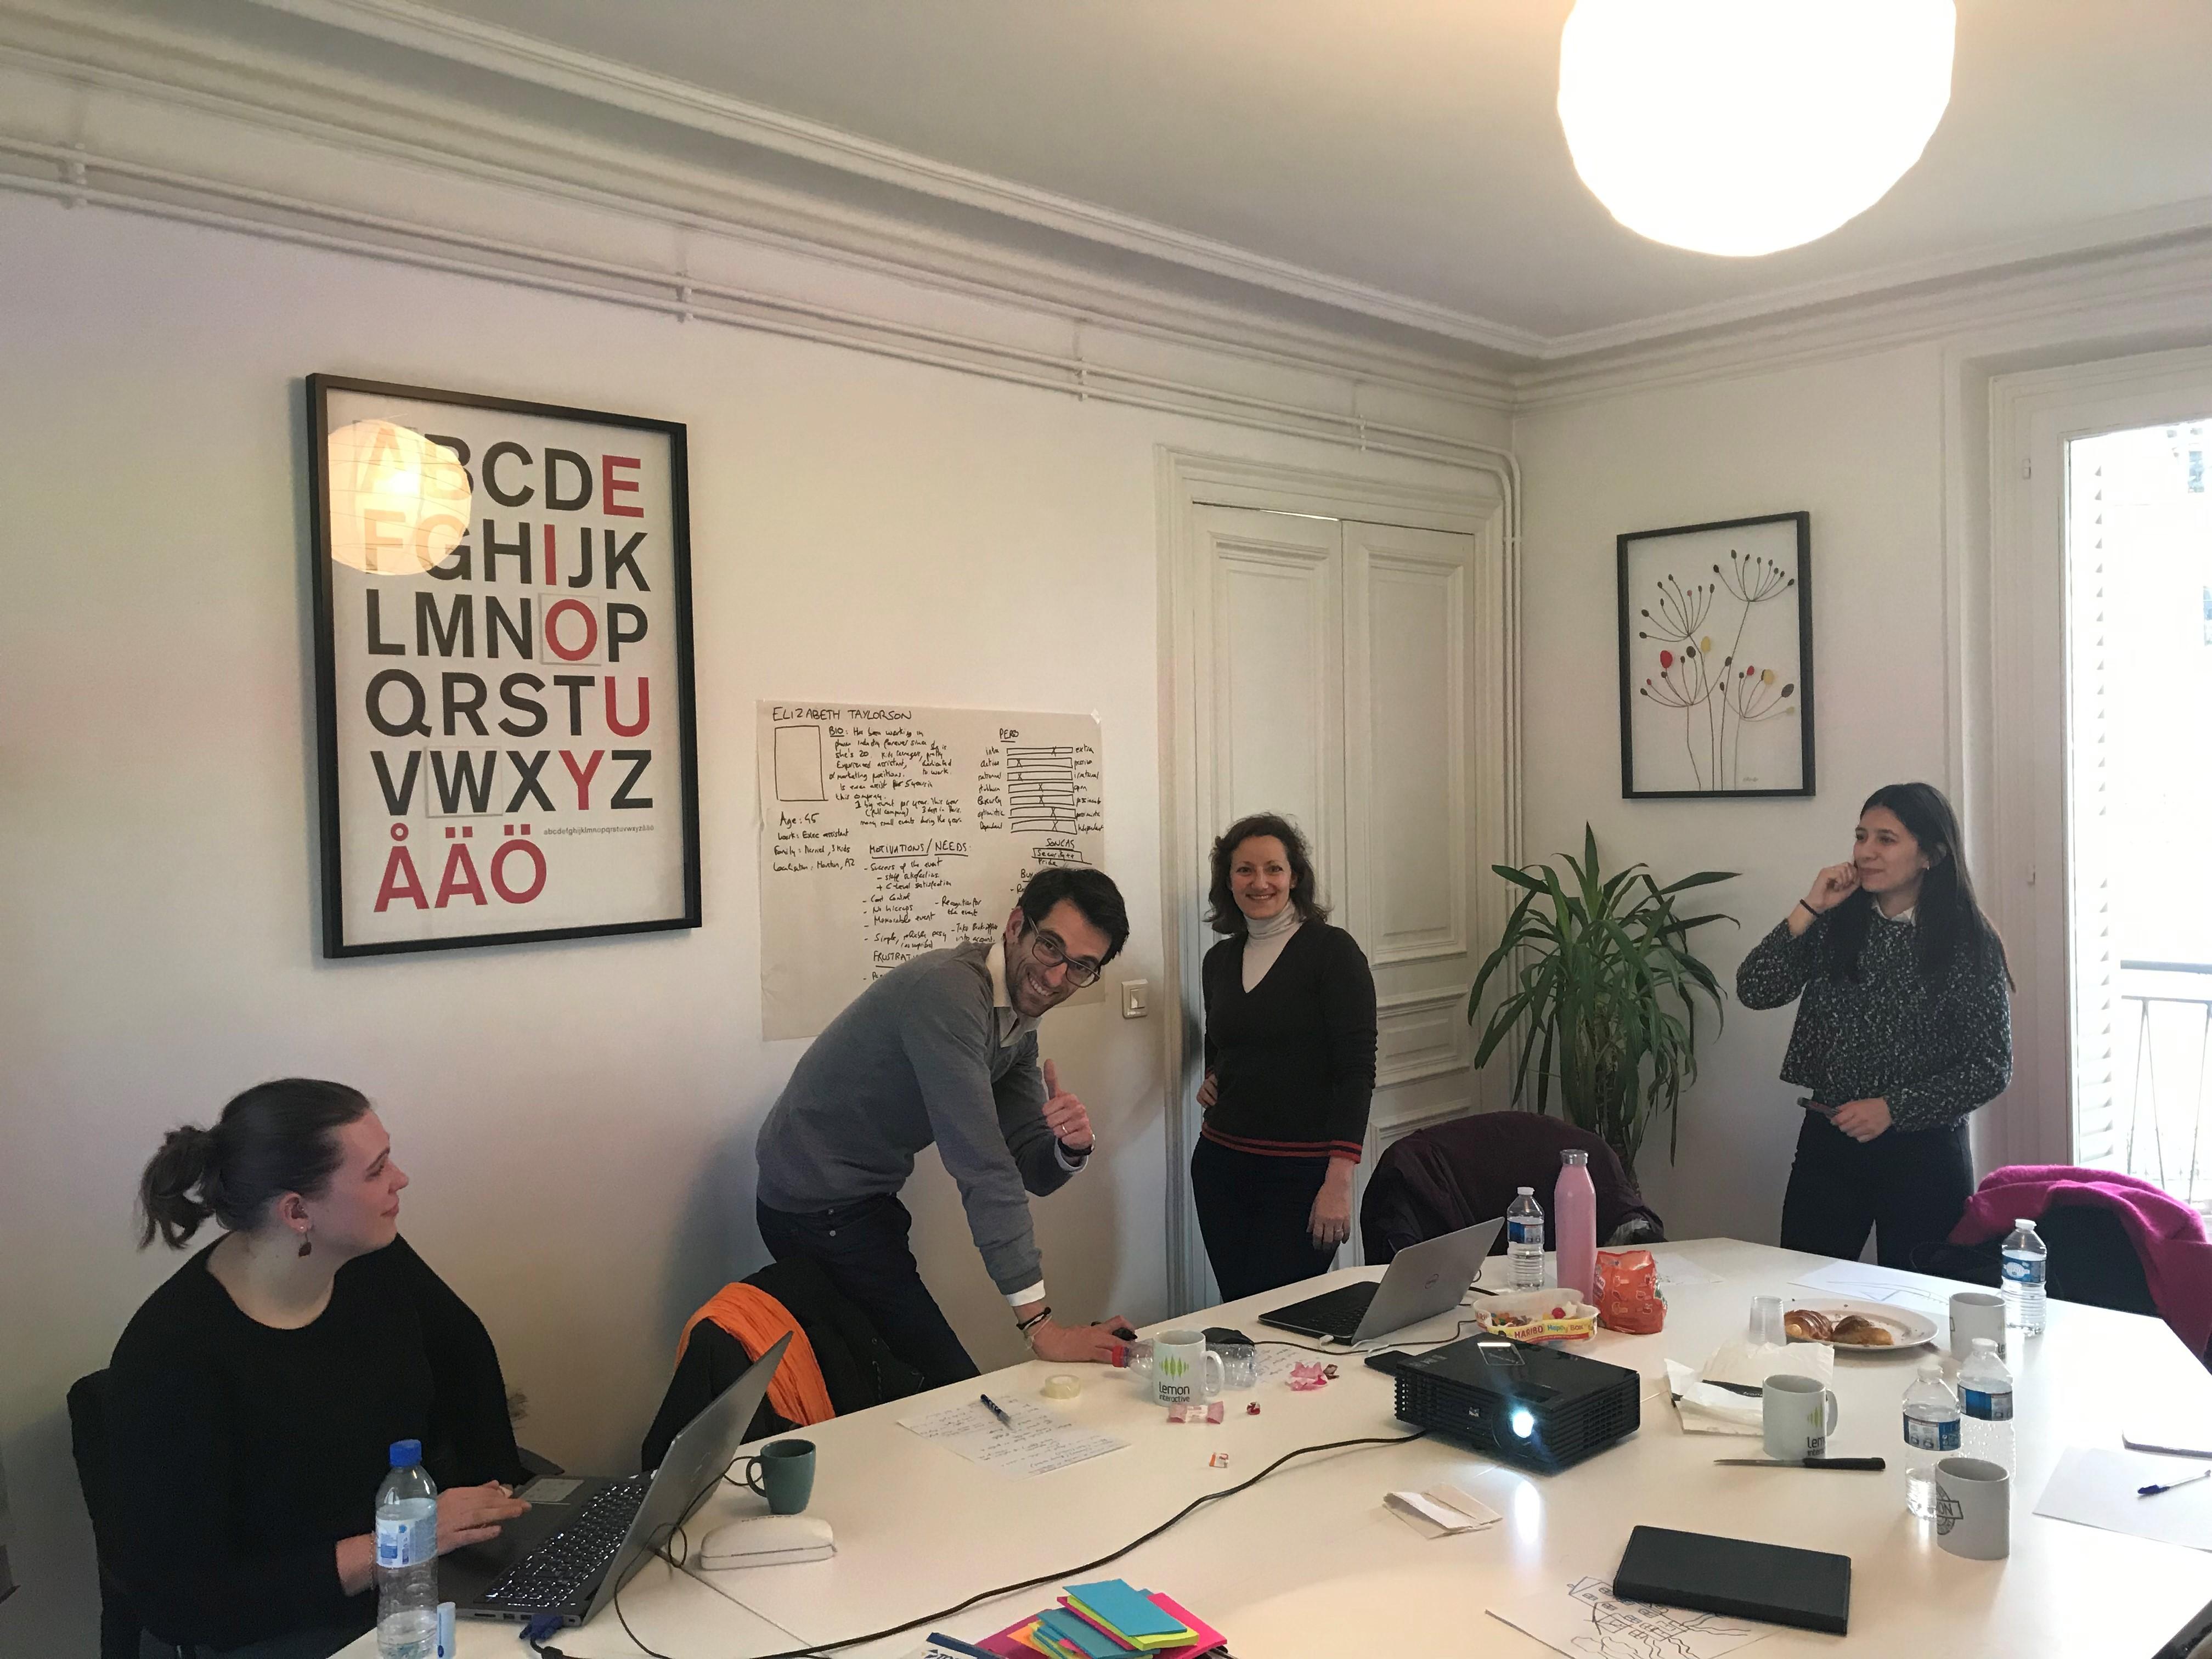 50abb6e4c3 Work experience as an Intern at ParisByM